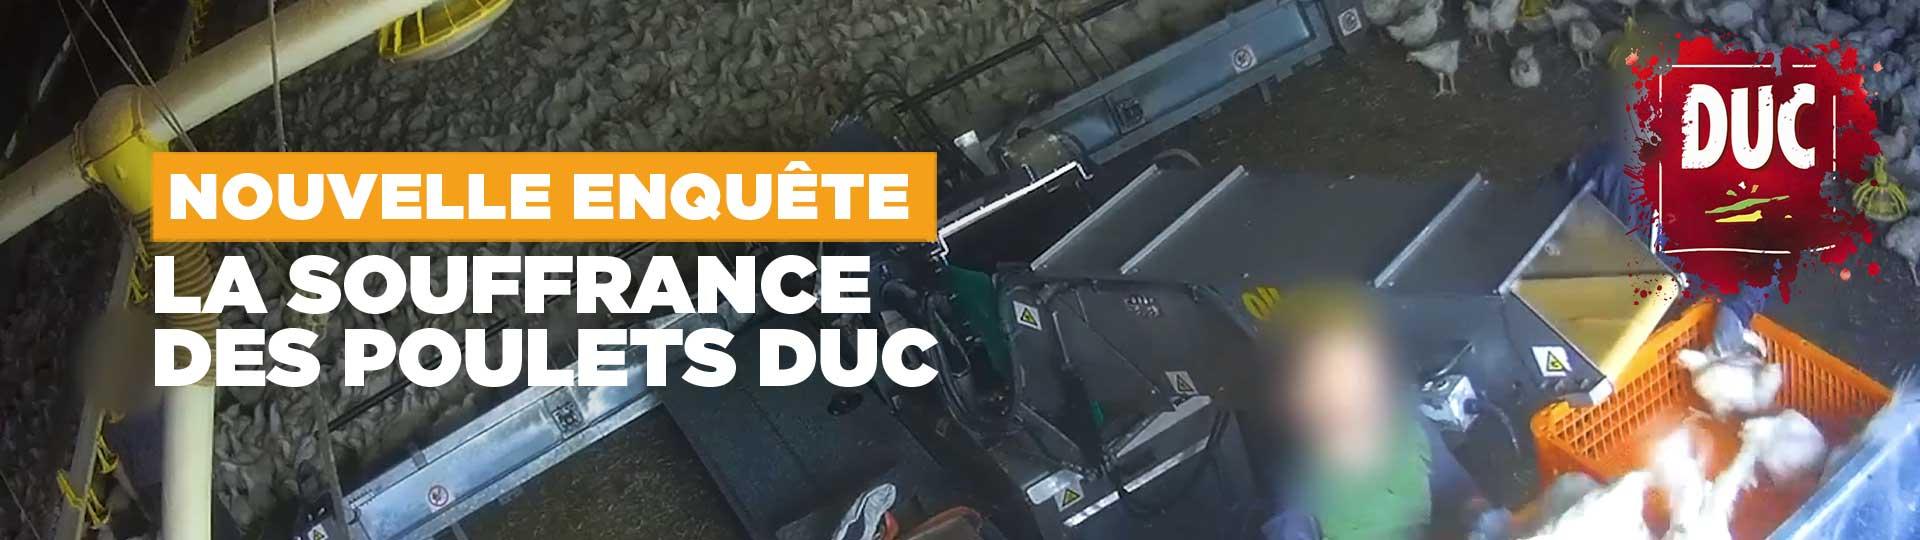 Souffrance des poulets DUC